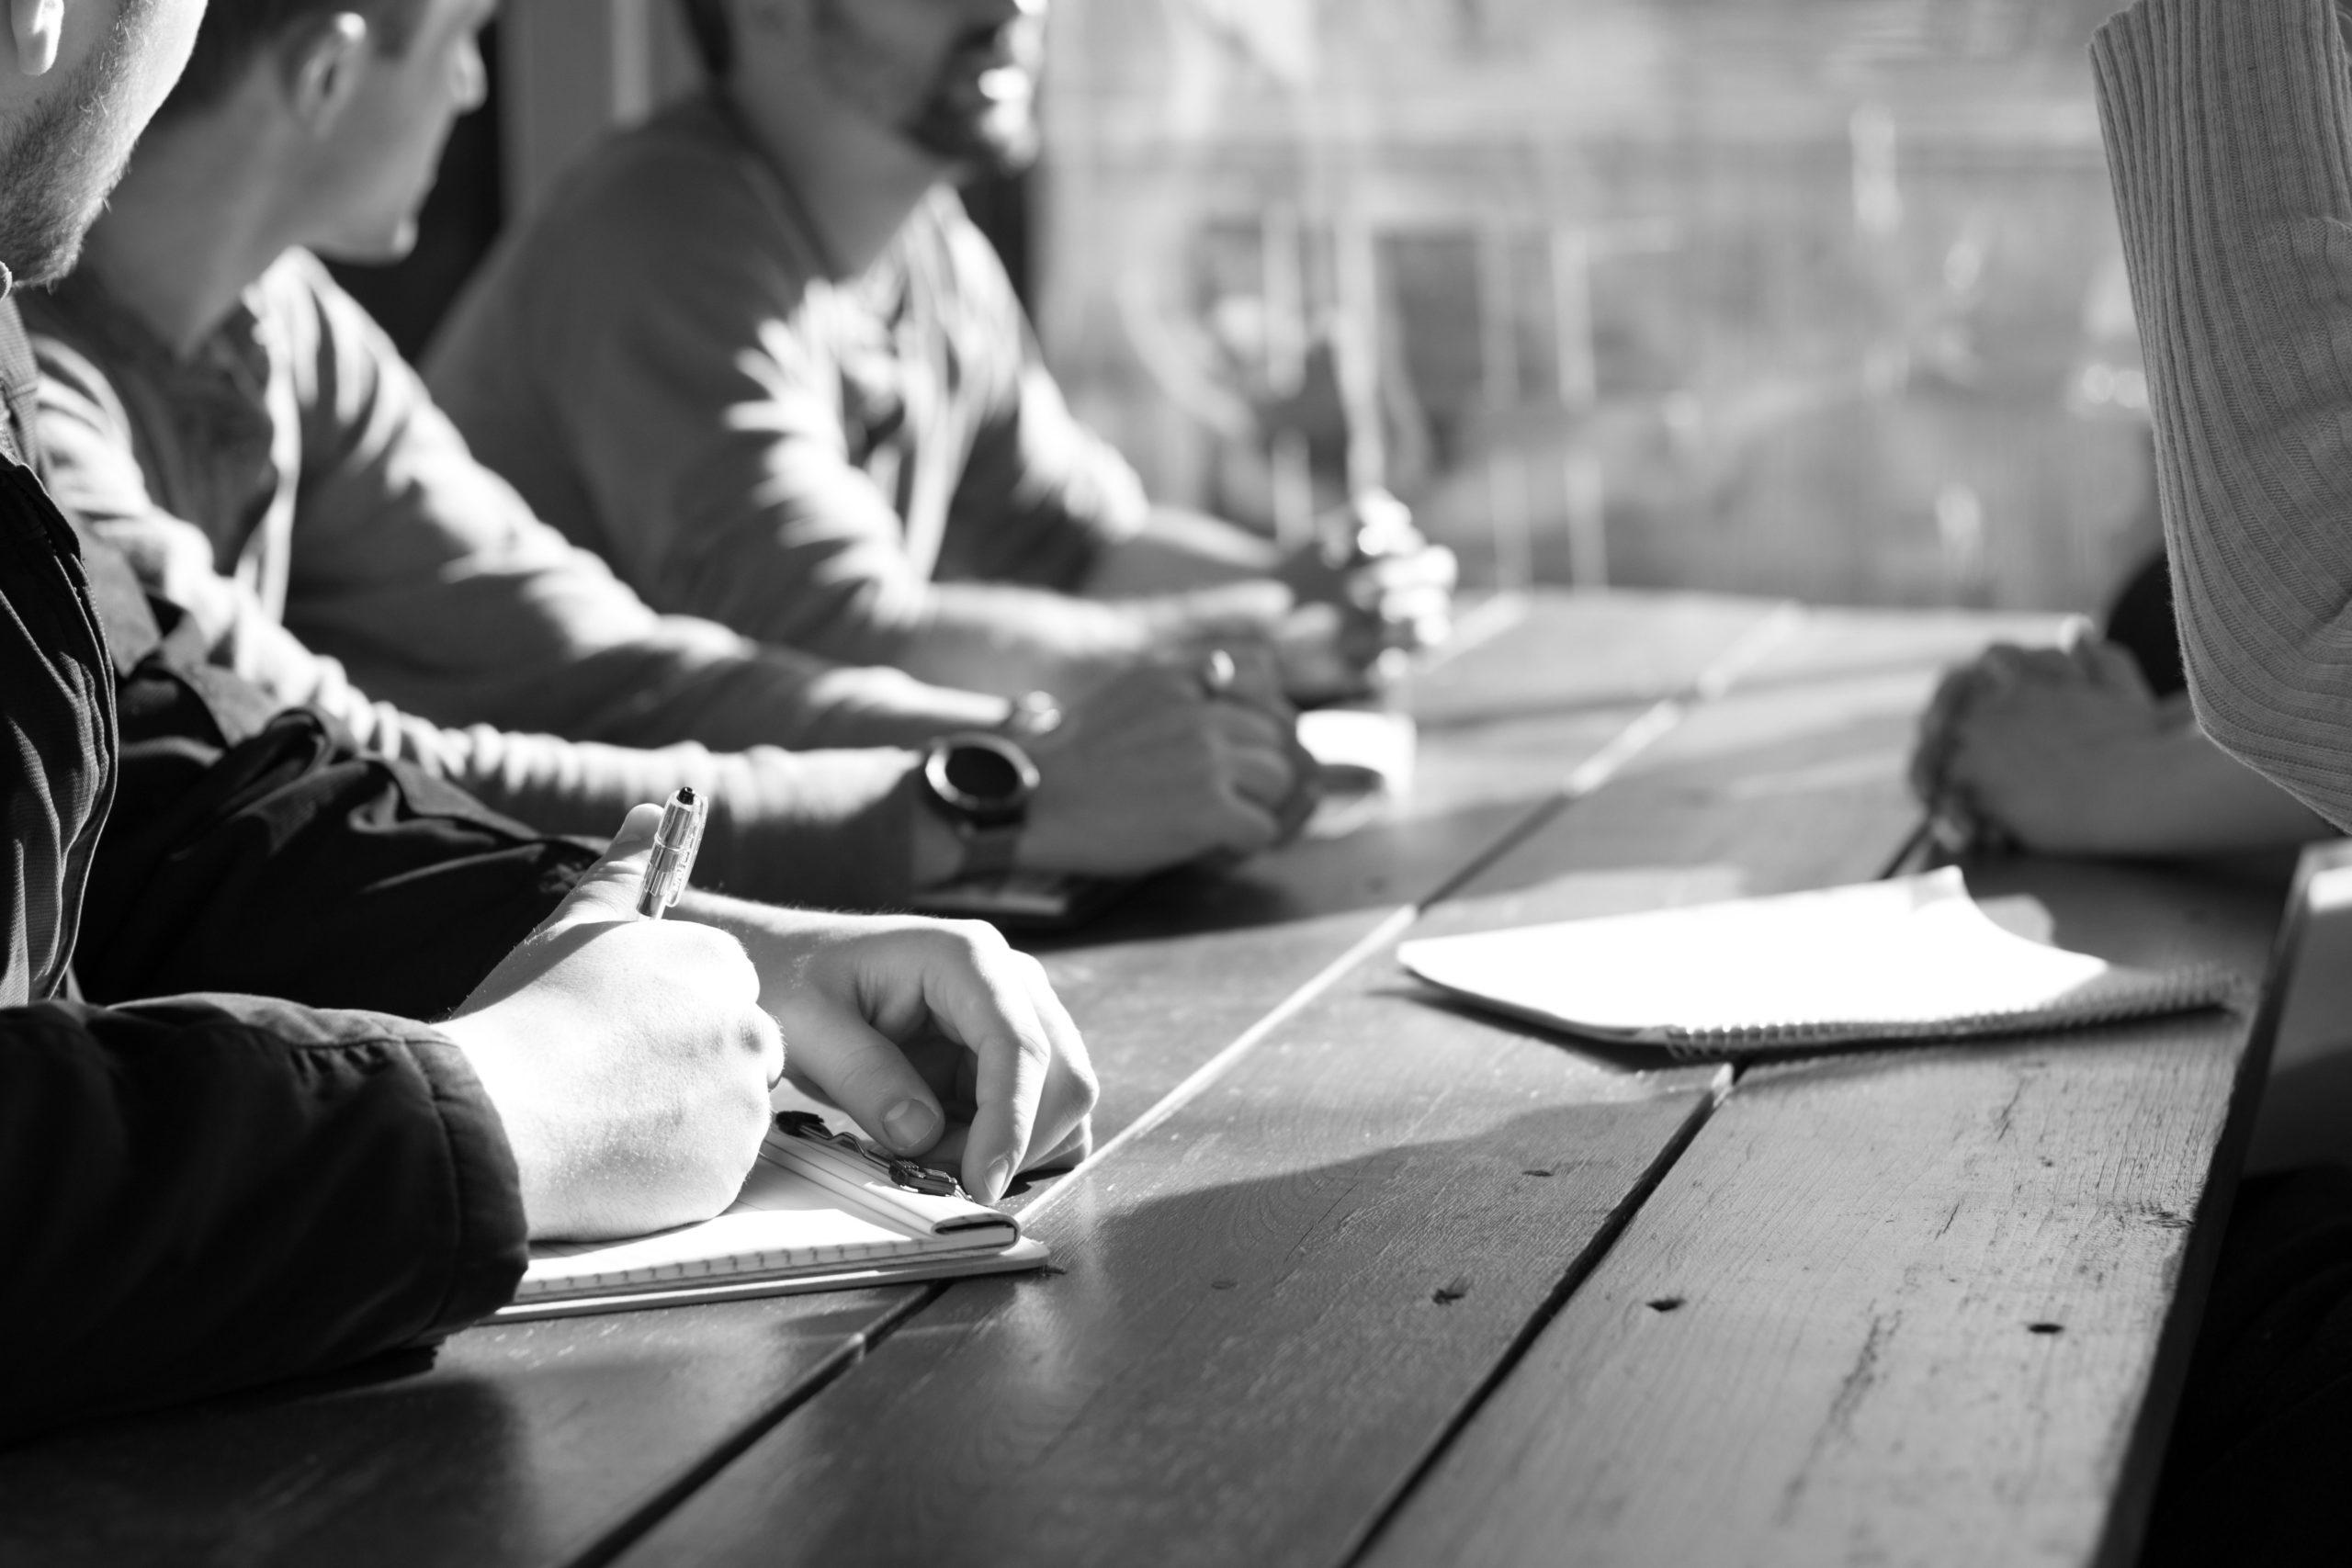 Kanzlei JDP verstärkt ihr Team für Transaktionen und Beratung bei Vertragsgestaltung